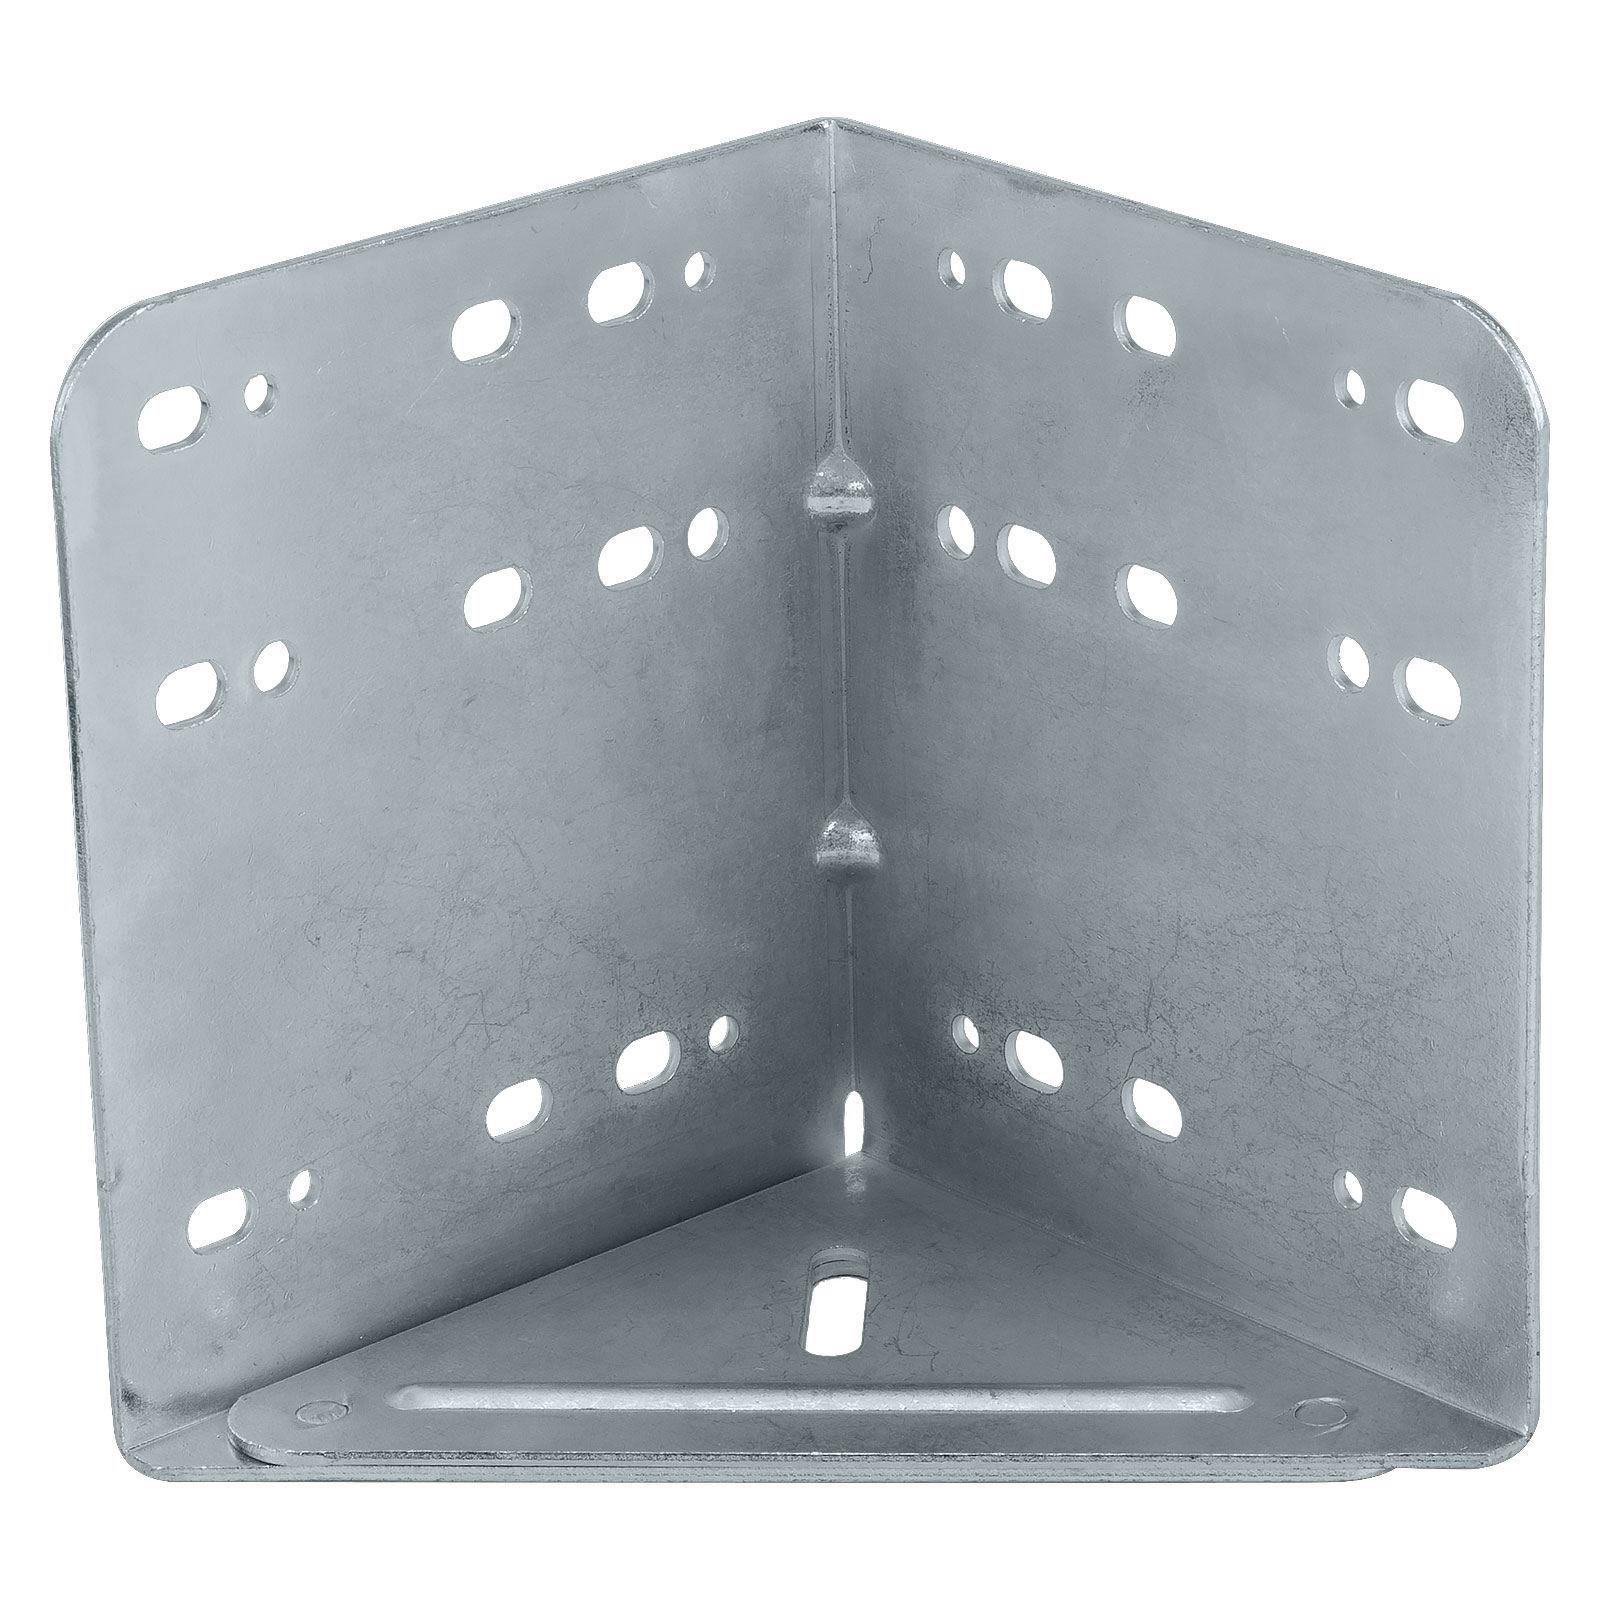 SOTECH 8er Set M/öbelbeine MOTEL 35 mm 65 x 65 mm Silber eloxiert Schrankbeine aus Aluminium